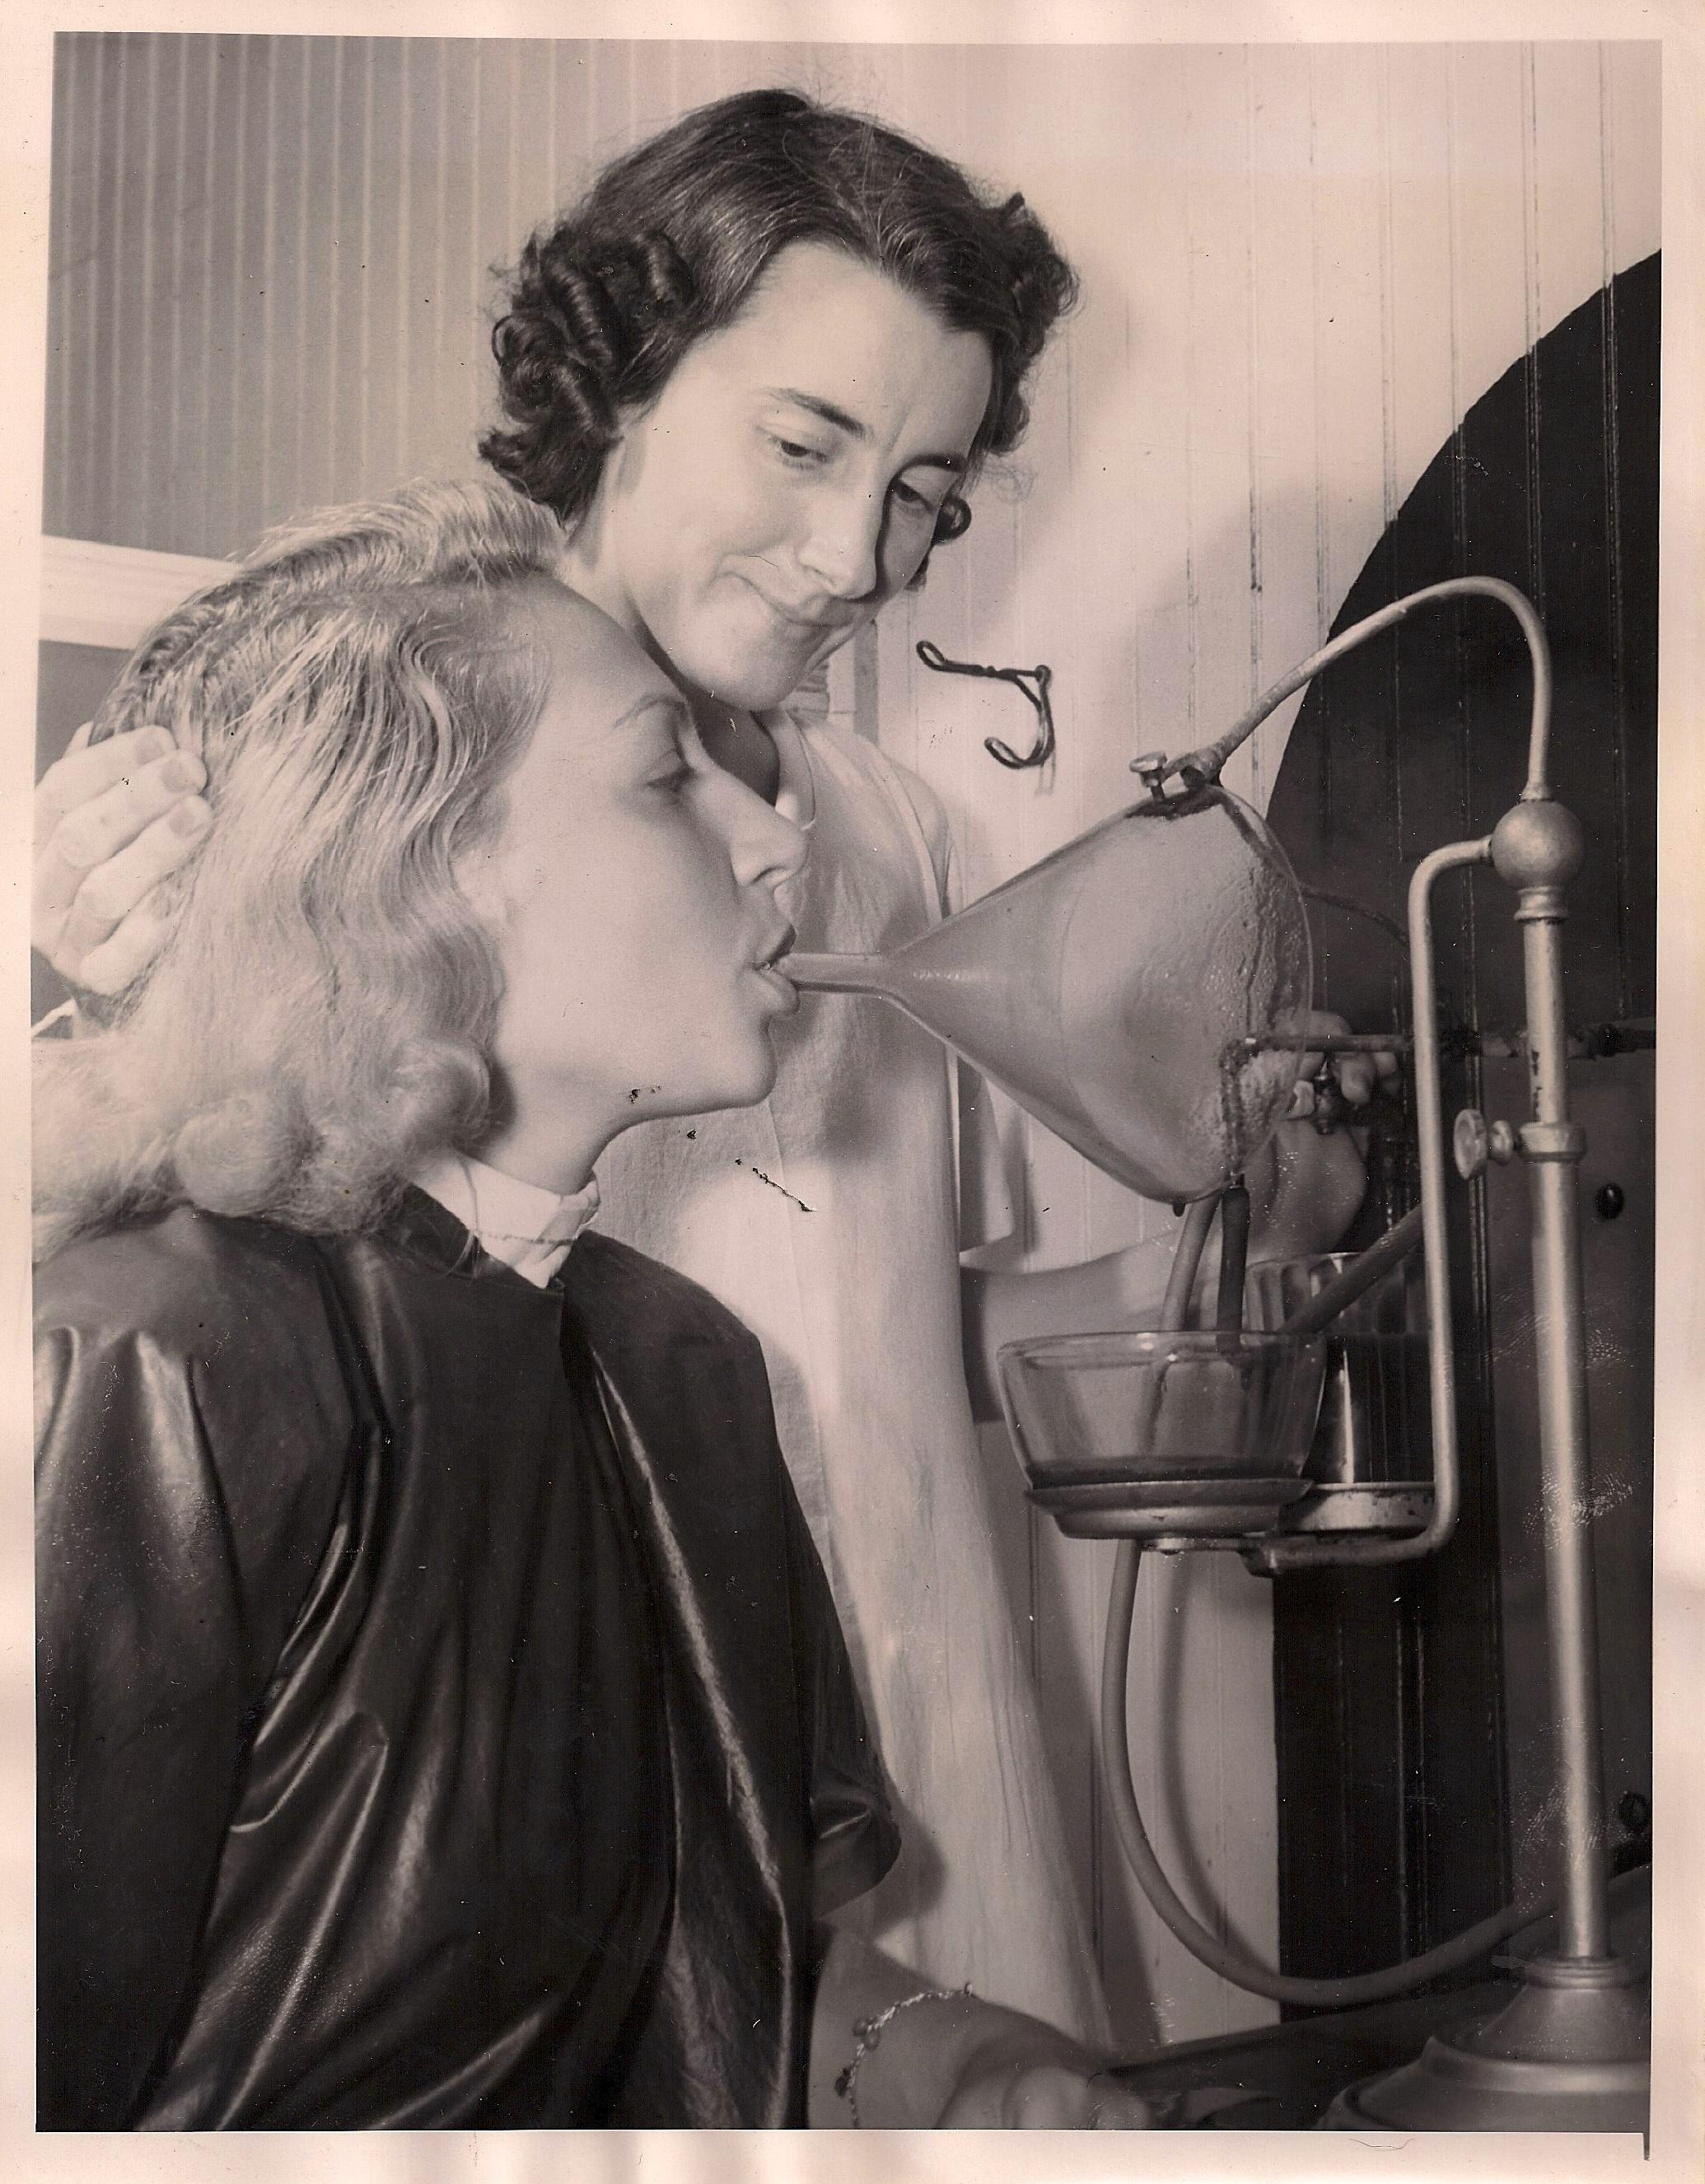 1940s Nebulizer